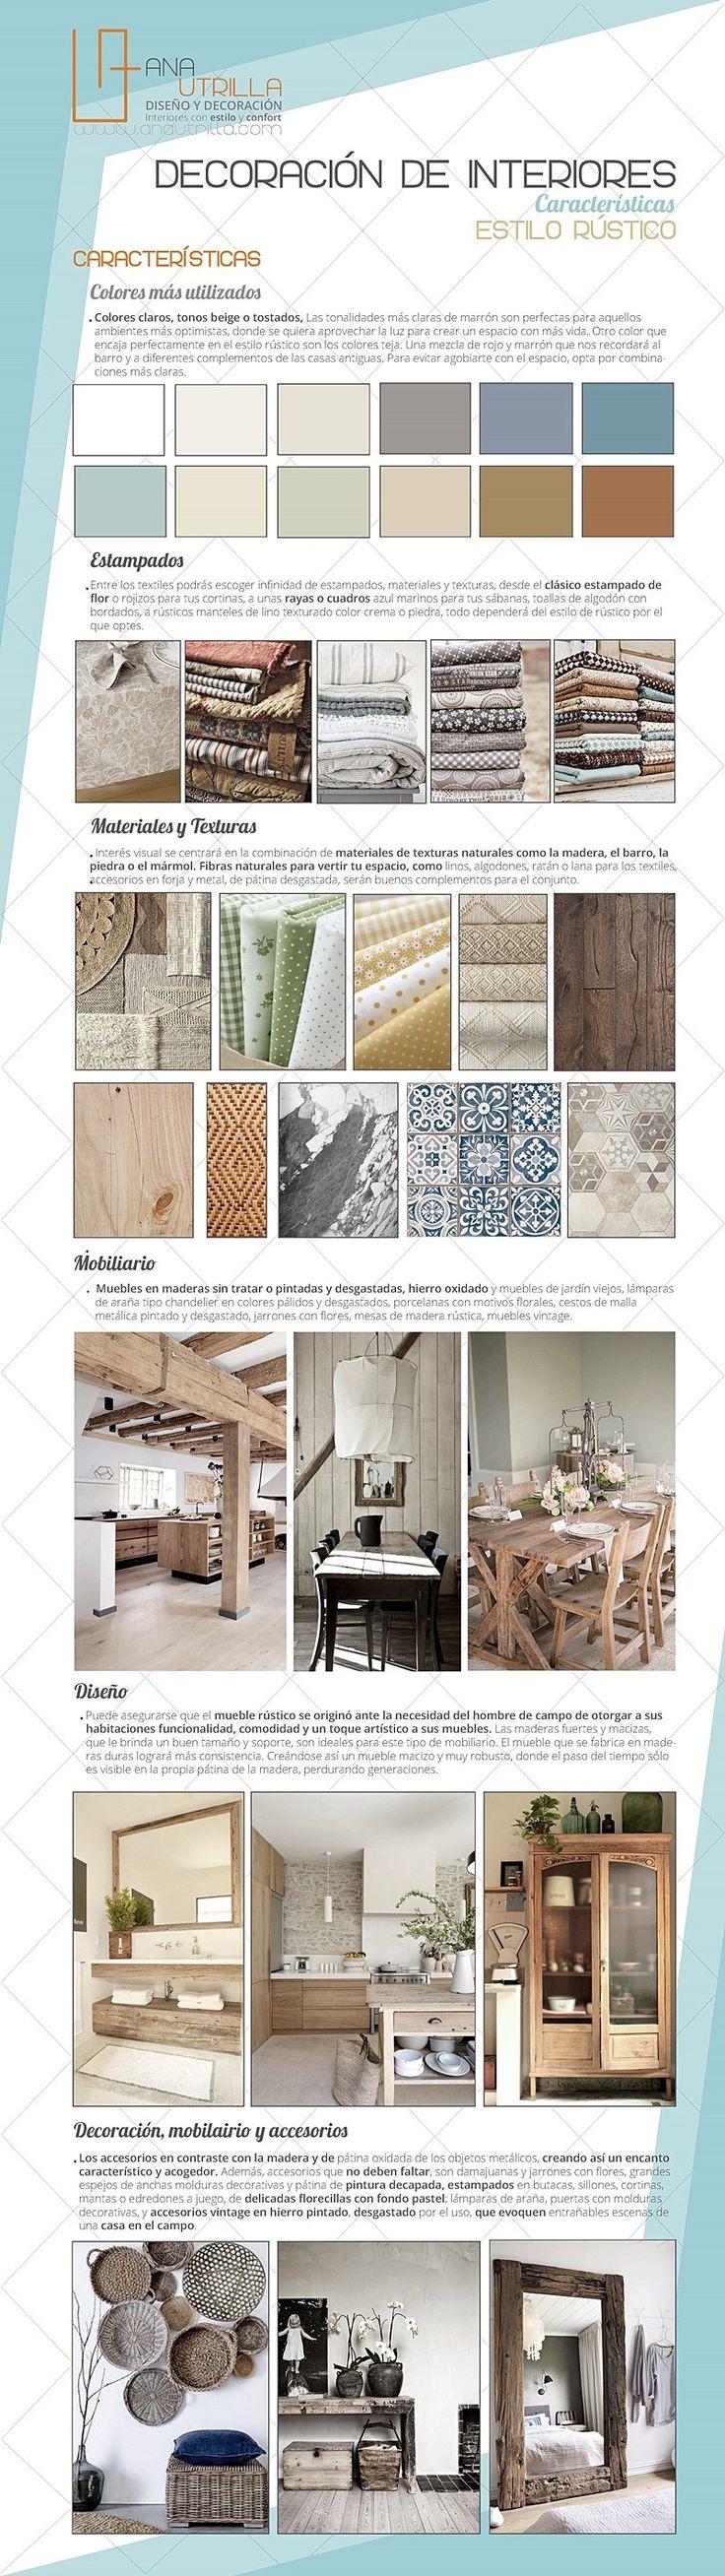 Características principales del estilo rústico en decoración de interiores por Ana Utrilla Diseño de Interiores online